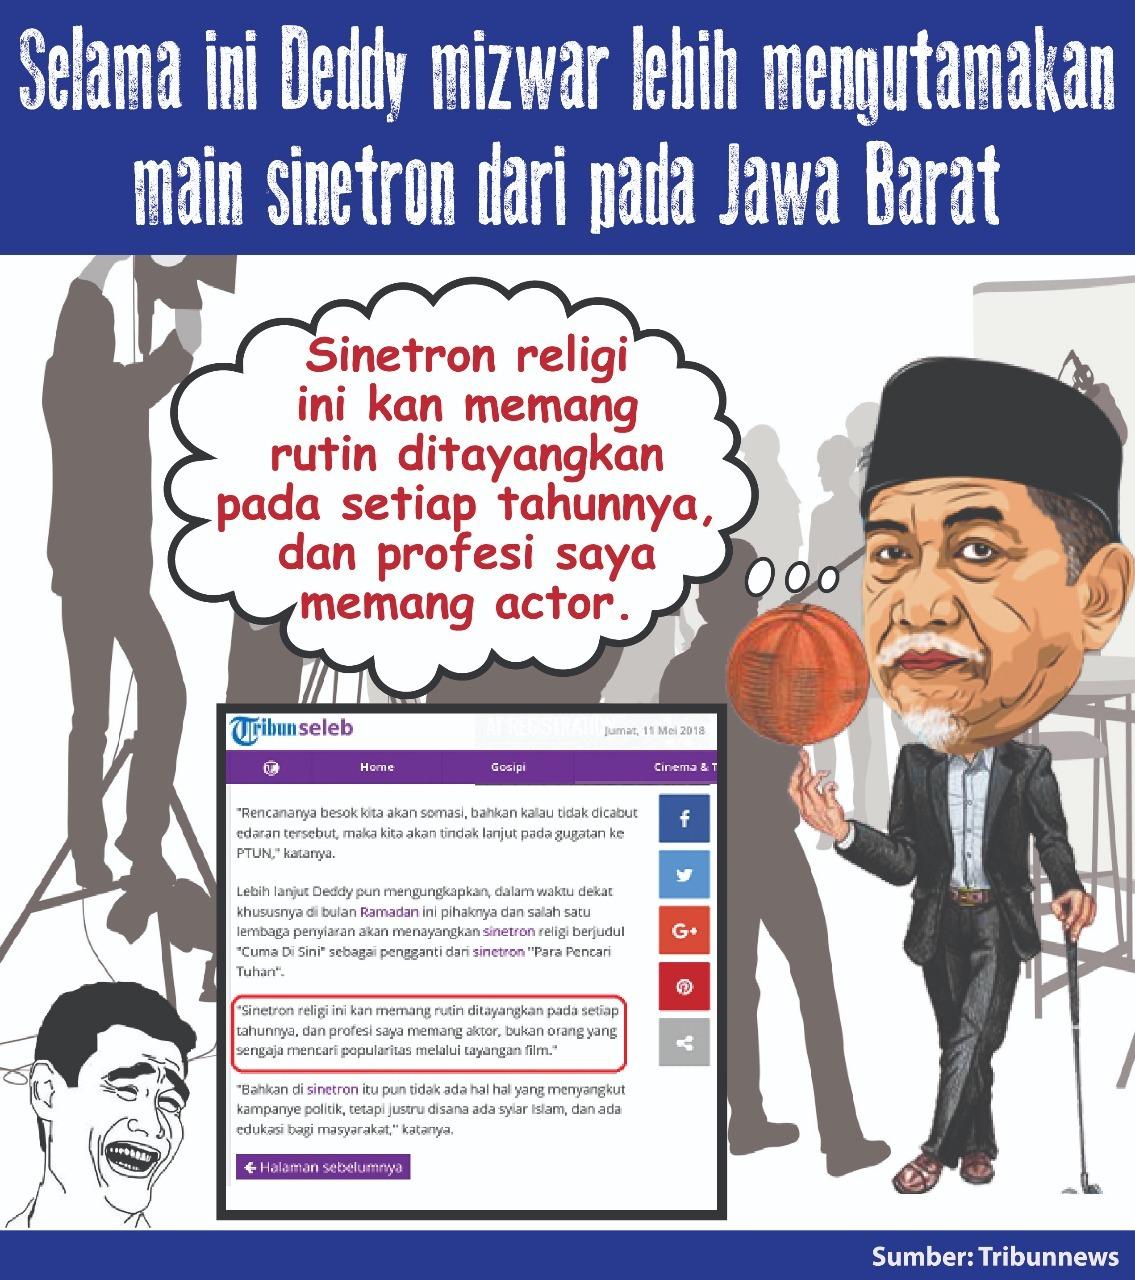 Selama Ini Deddy Mizwar Lebih Mengutamakan Main Sinetron Dari Pada Jawa Barat